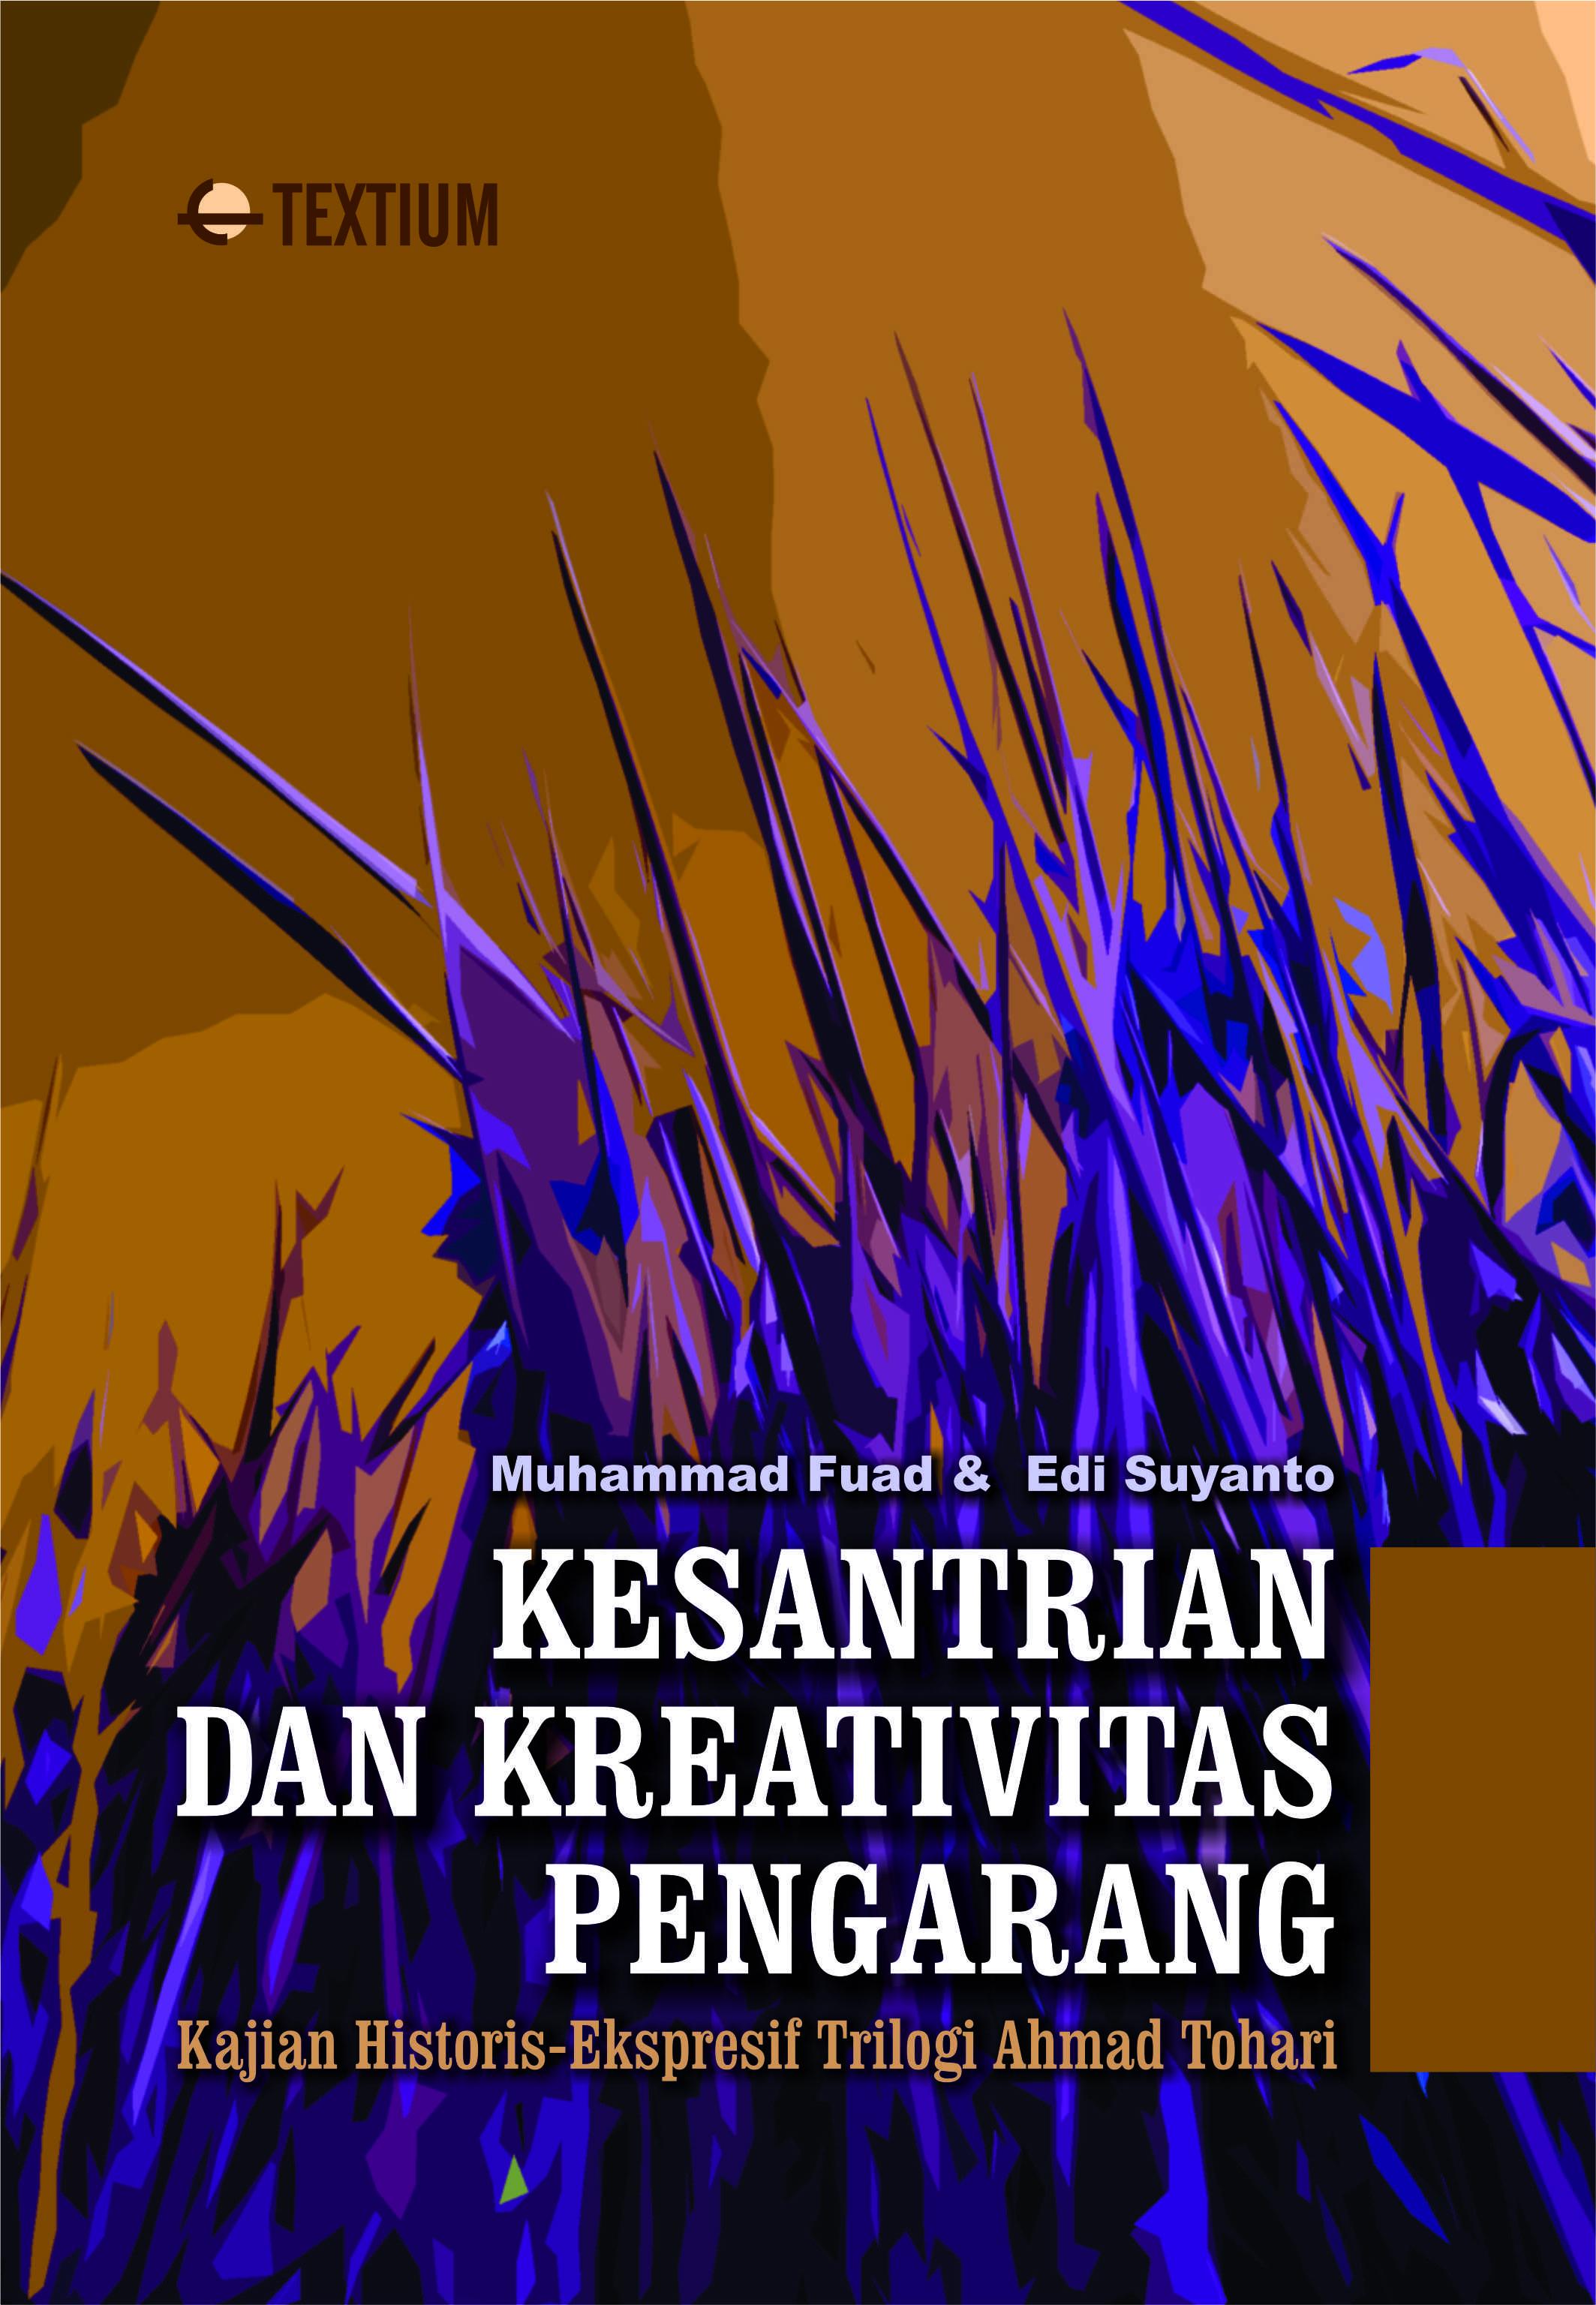 Kesantrian dan kreativitas pengarang : kajian historis-ekspresif trilogi Ahmad Tohari